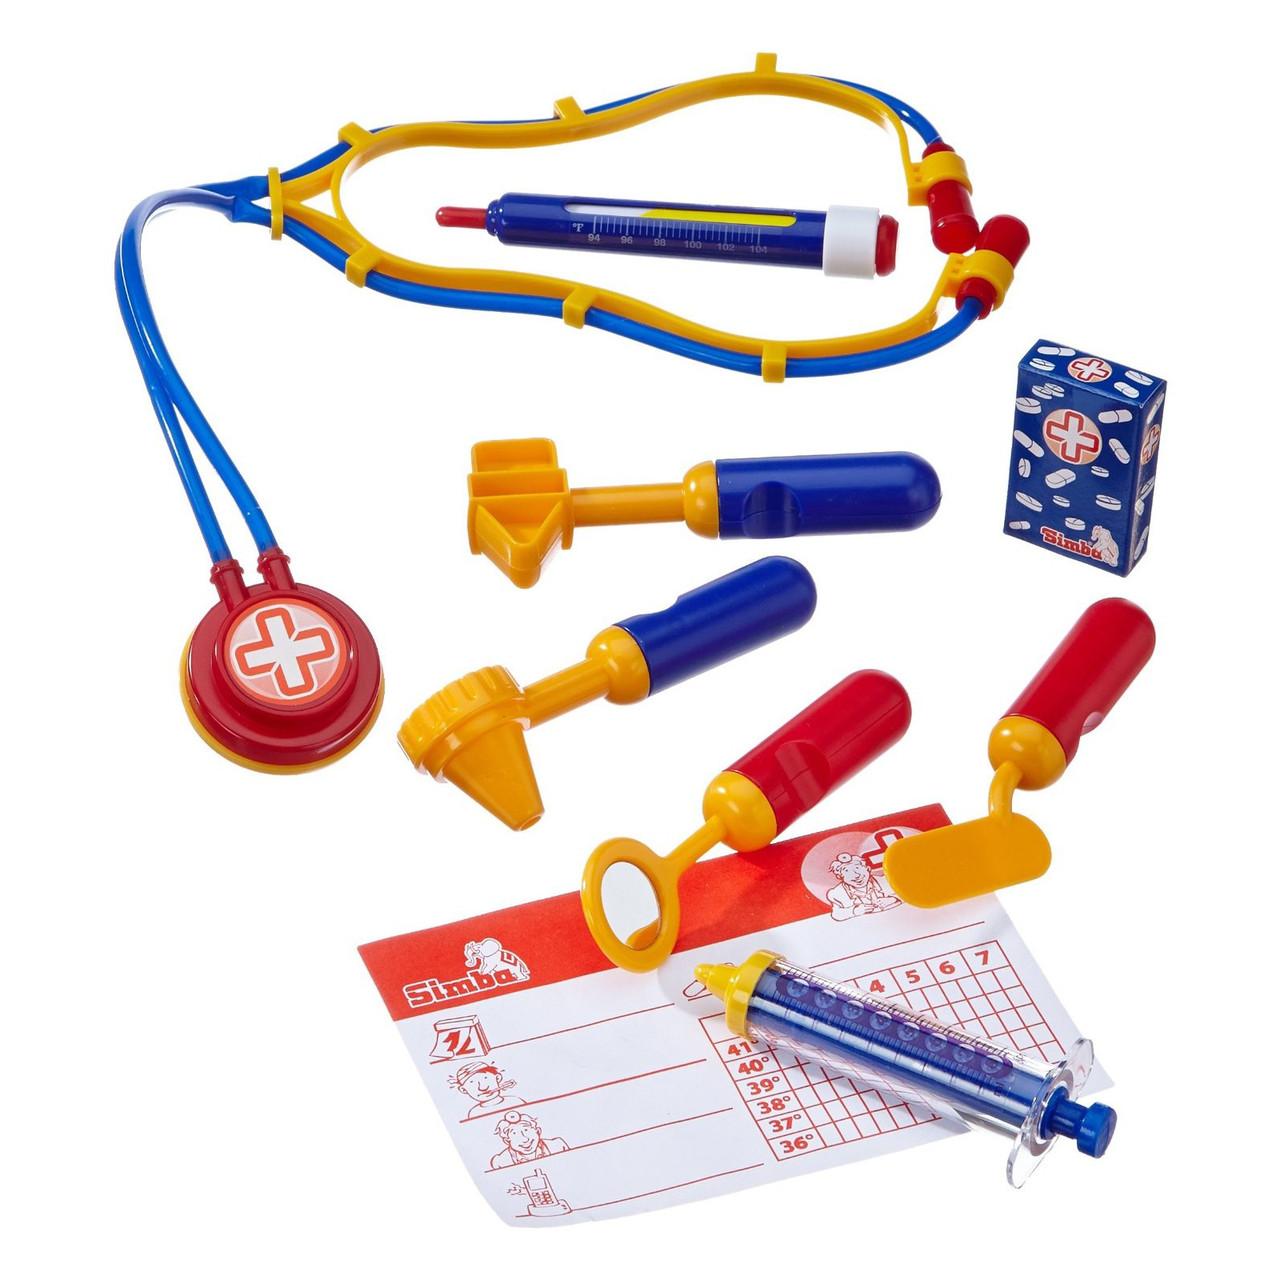 Ігровий набір «Simba» (5549757) набір доктора в валізі 20x13, 9 предметів